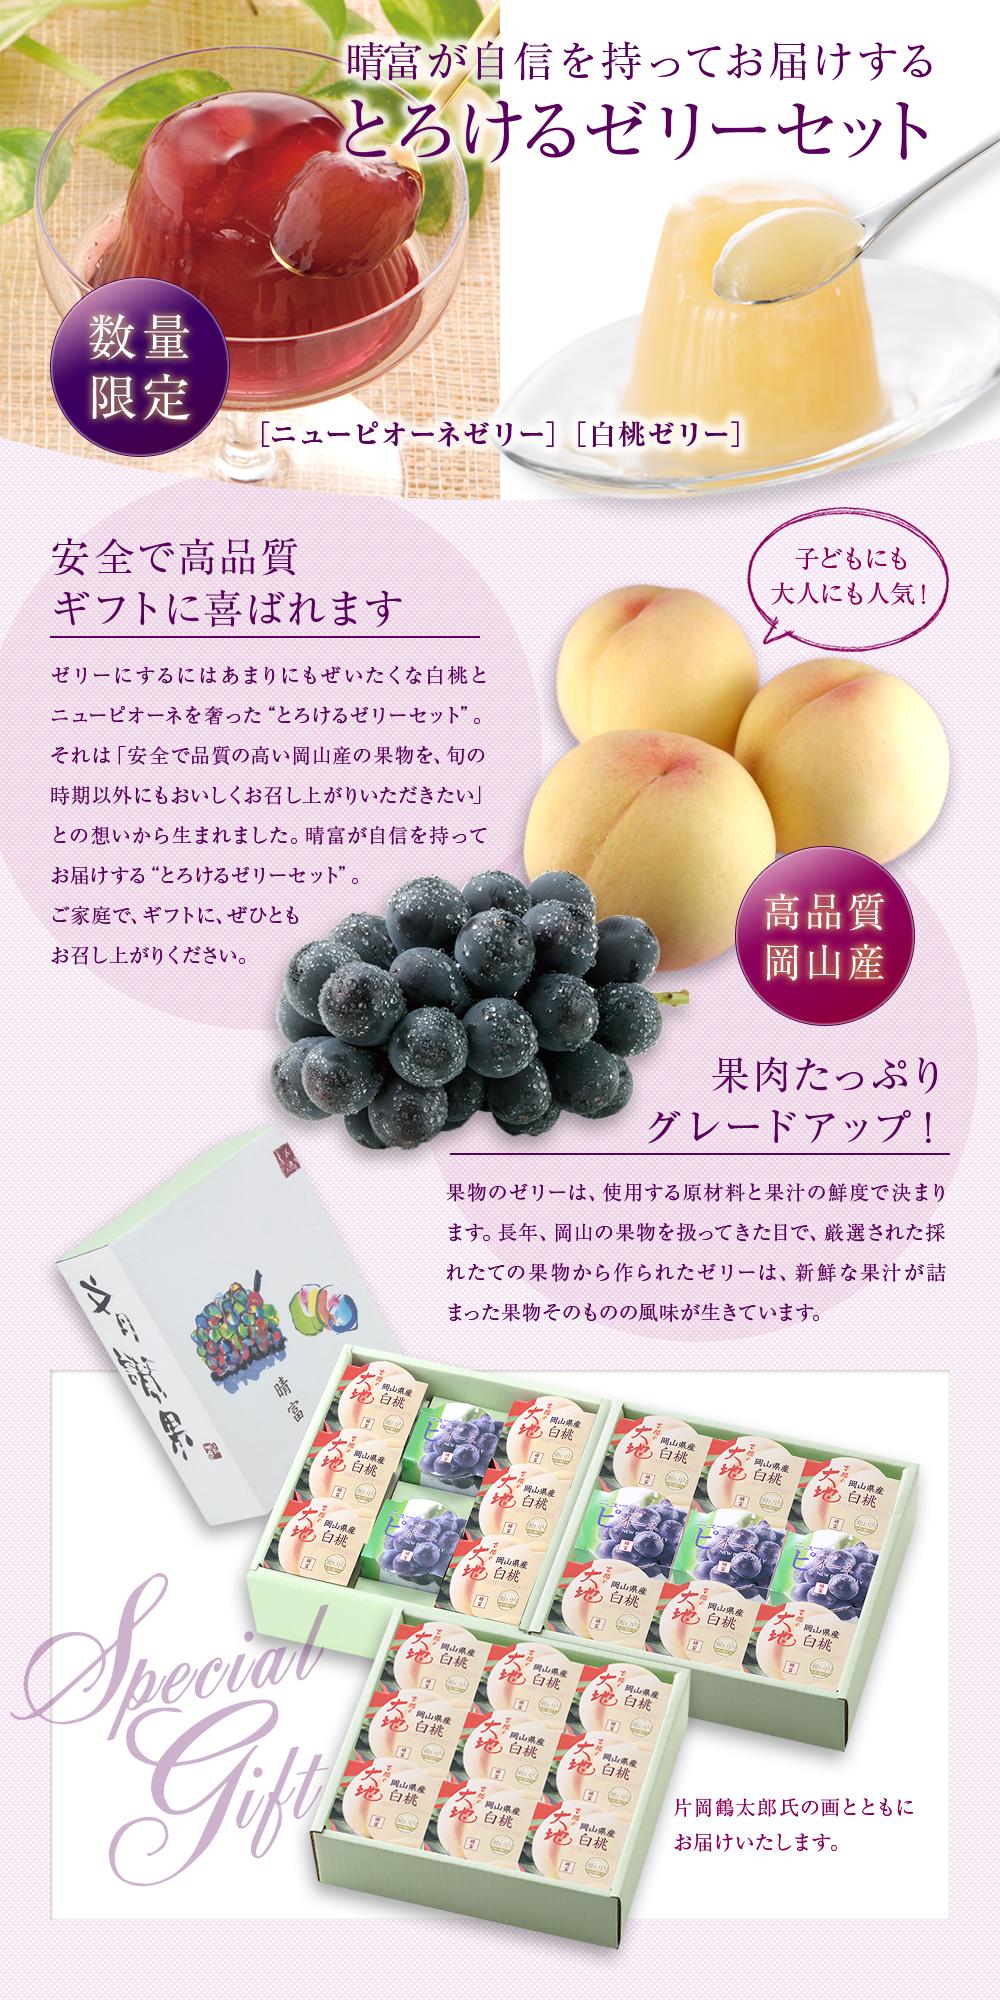 清水白桃ジュレ・ニューピオーネゼリー